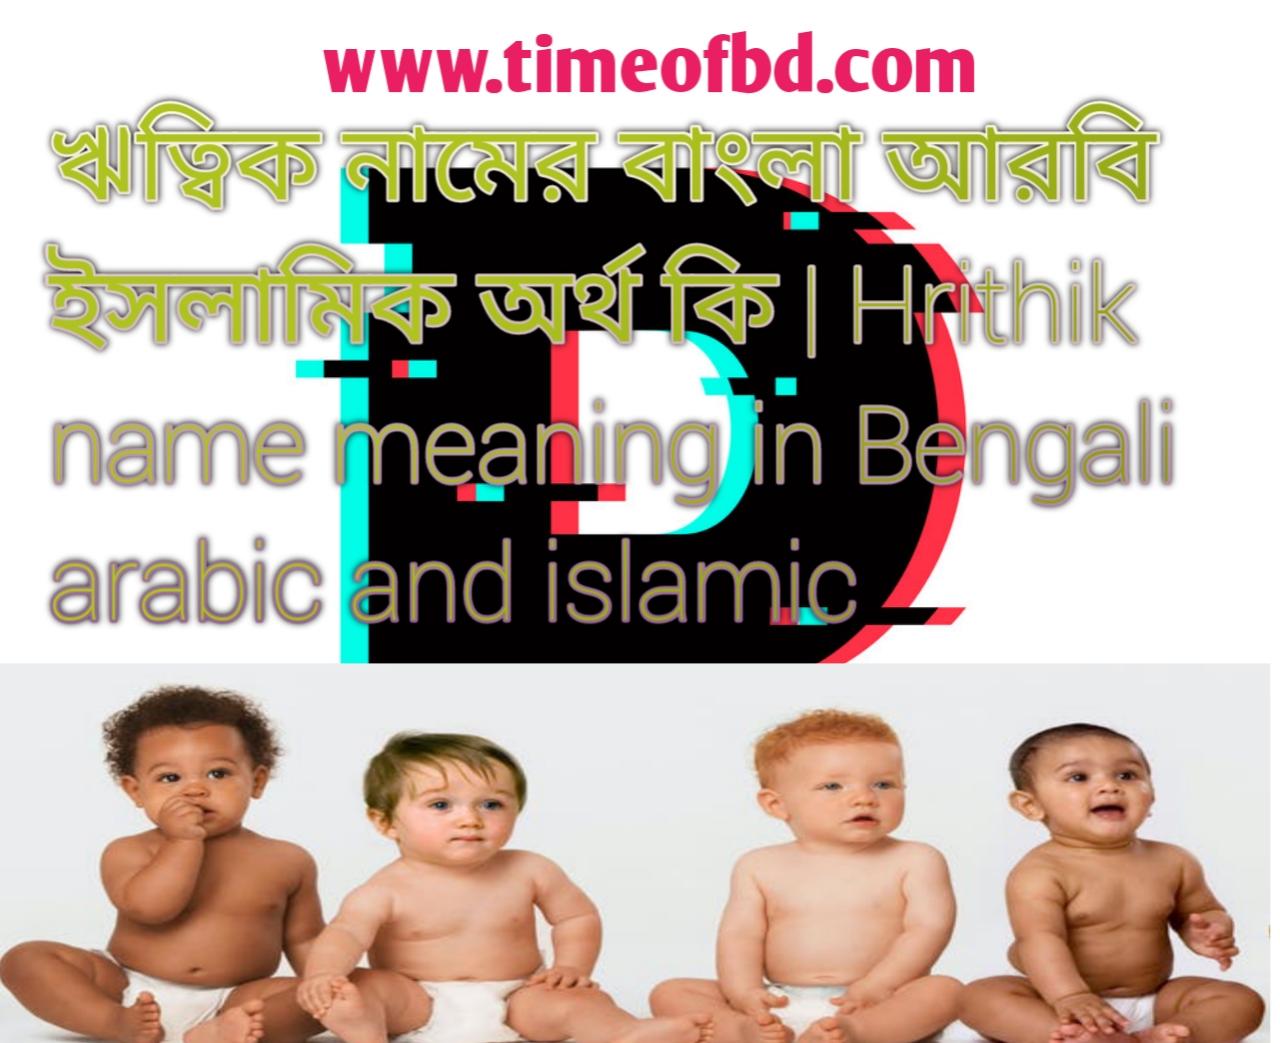 ঋত্বিক নামের অর্থ কি, ঋত্বিক নামের বাংলা অর্থ কি, ঋত্বিক নামের ইসলামিক অর্থ কি, Hrithik name in Bengali, ঋত্বিক কি ইসলামিক নাম,